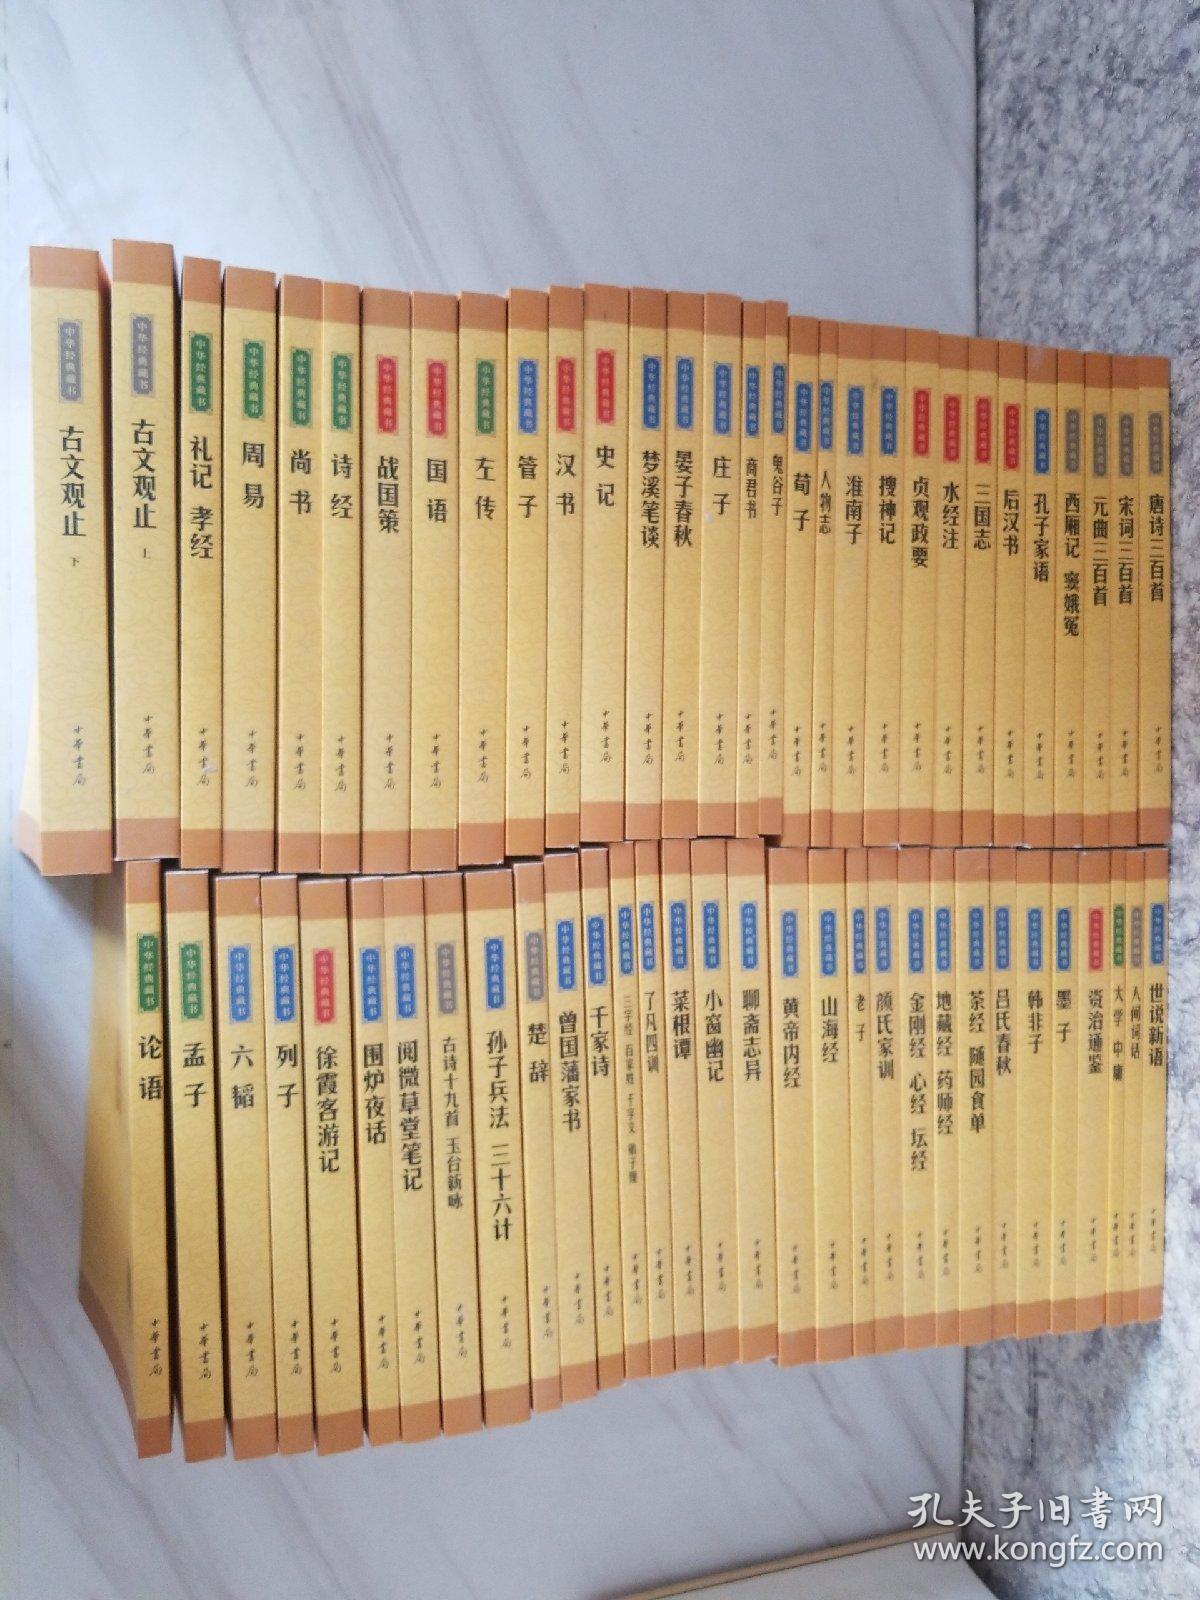 中华经典藏书(全套60种共61册)